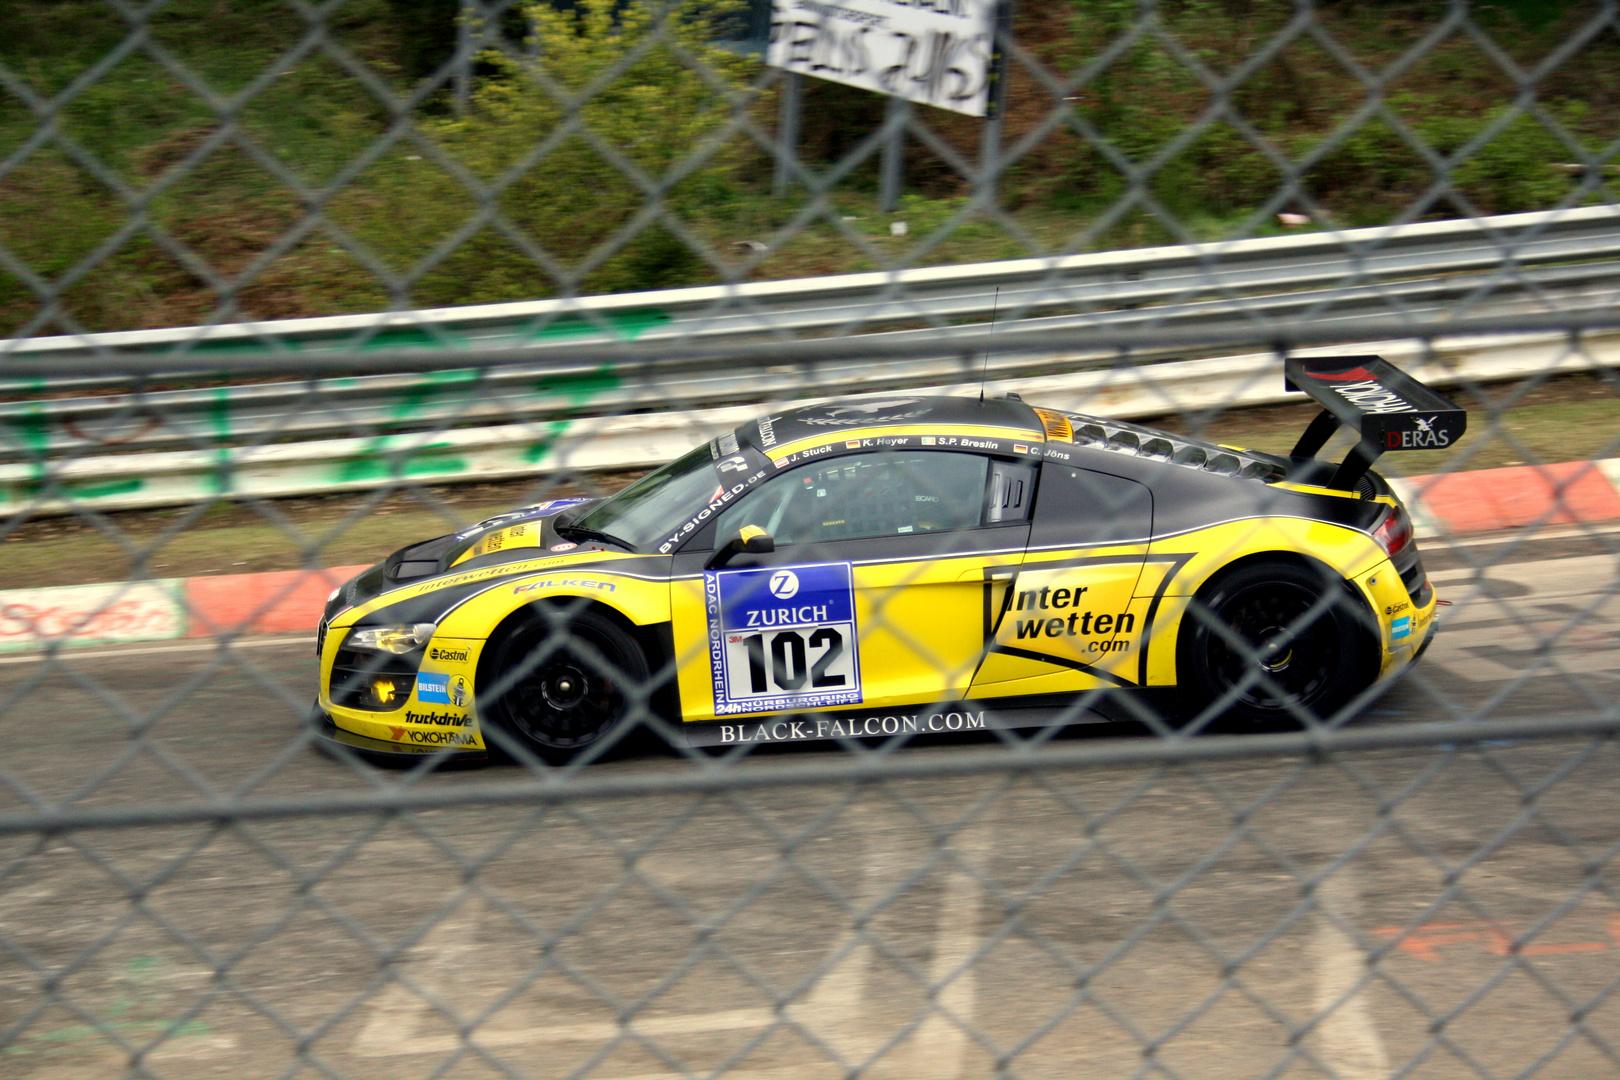 Black Falcon Audi R8 LMS / 24h Rennen 2010